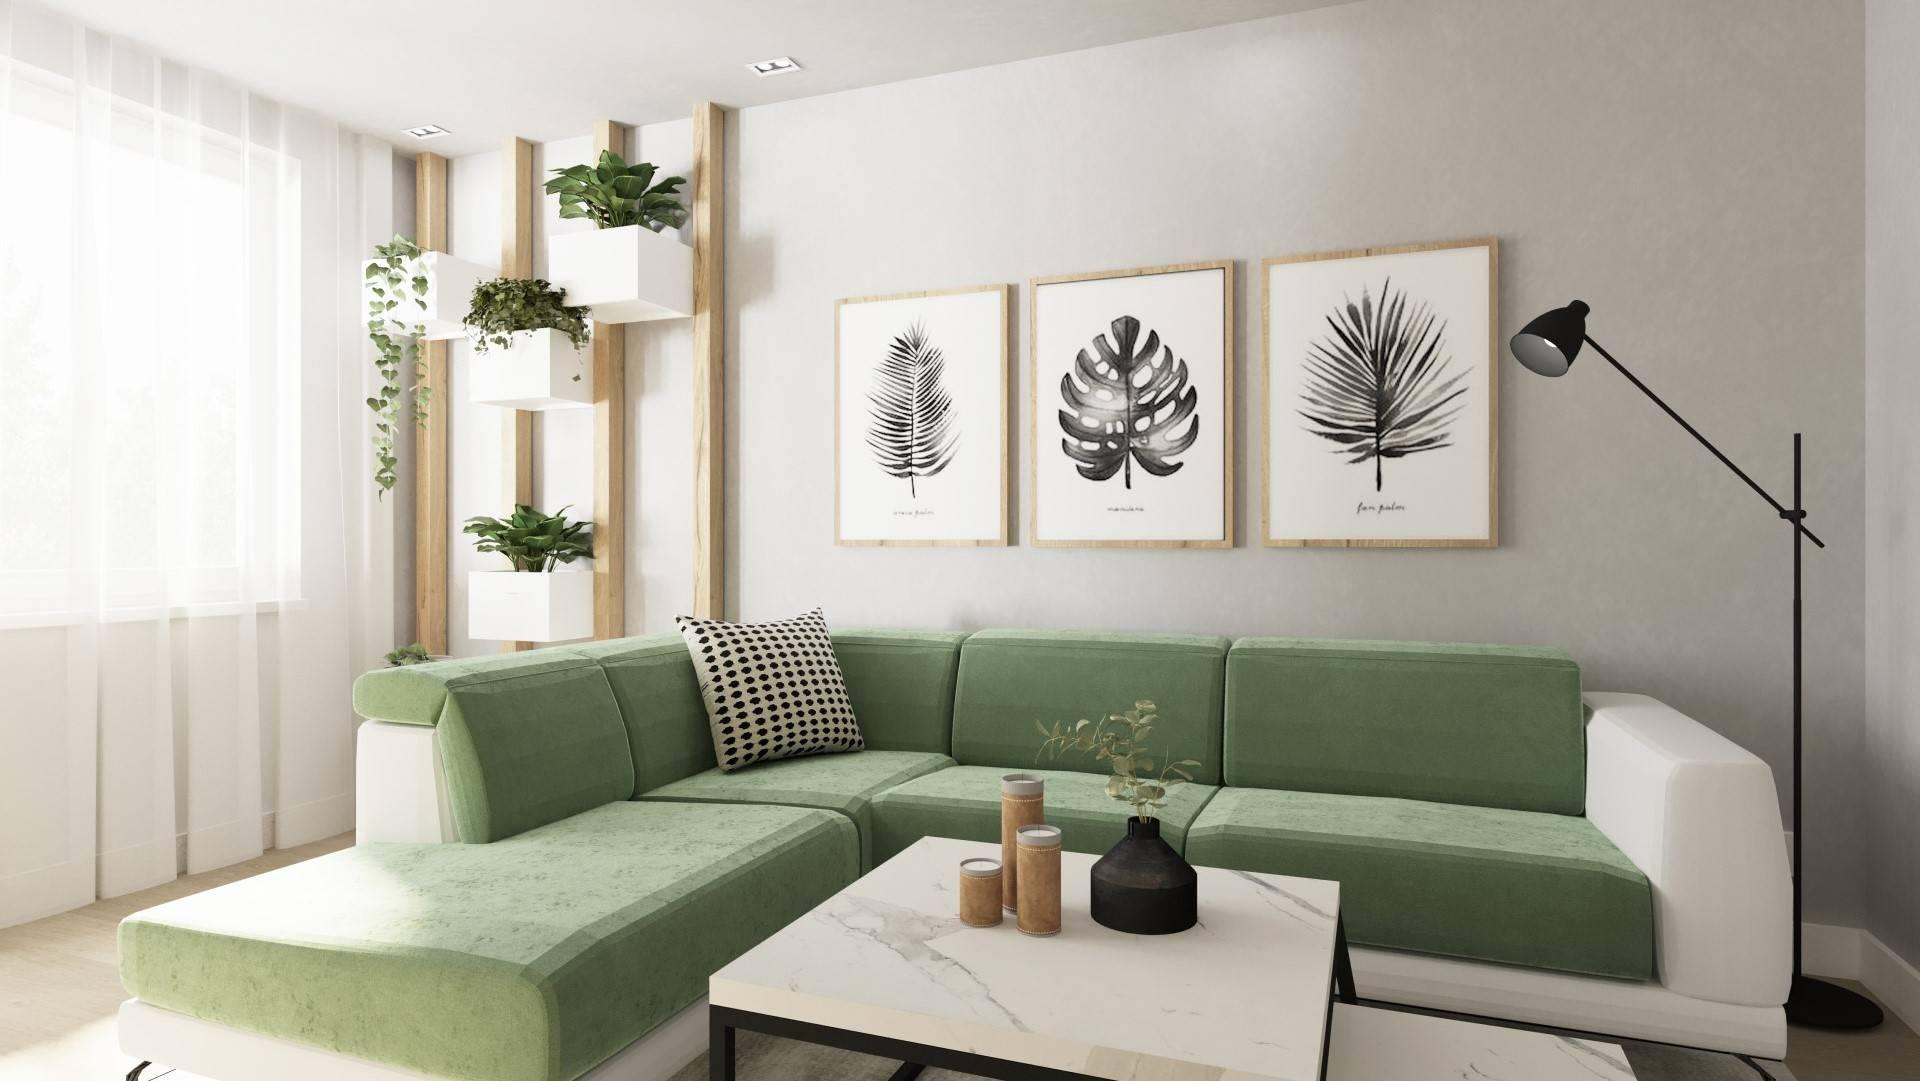 Interiérový dizajn – byt pre záhradnú architektu